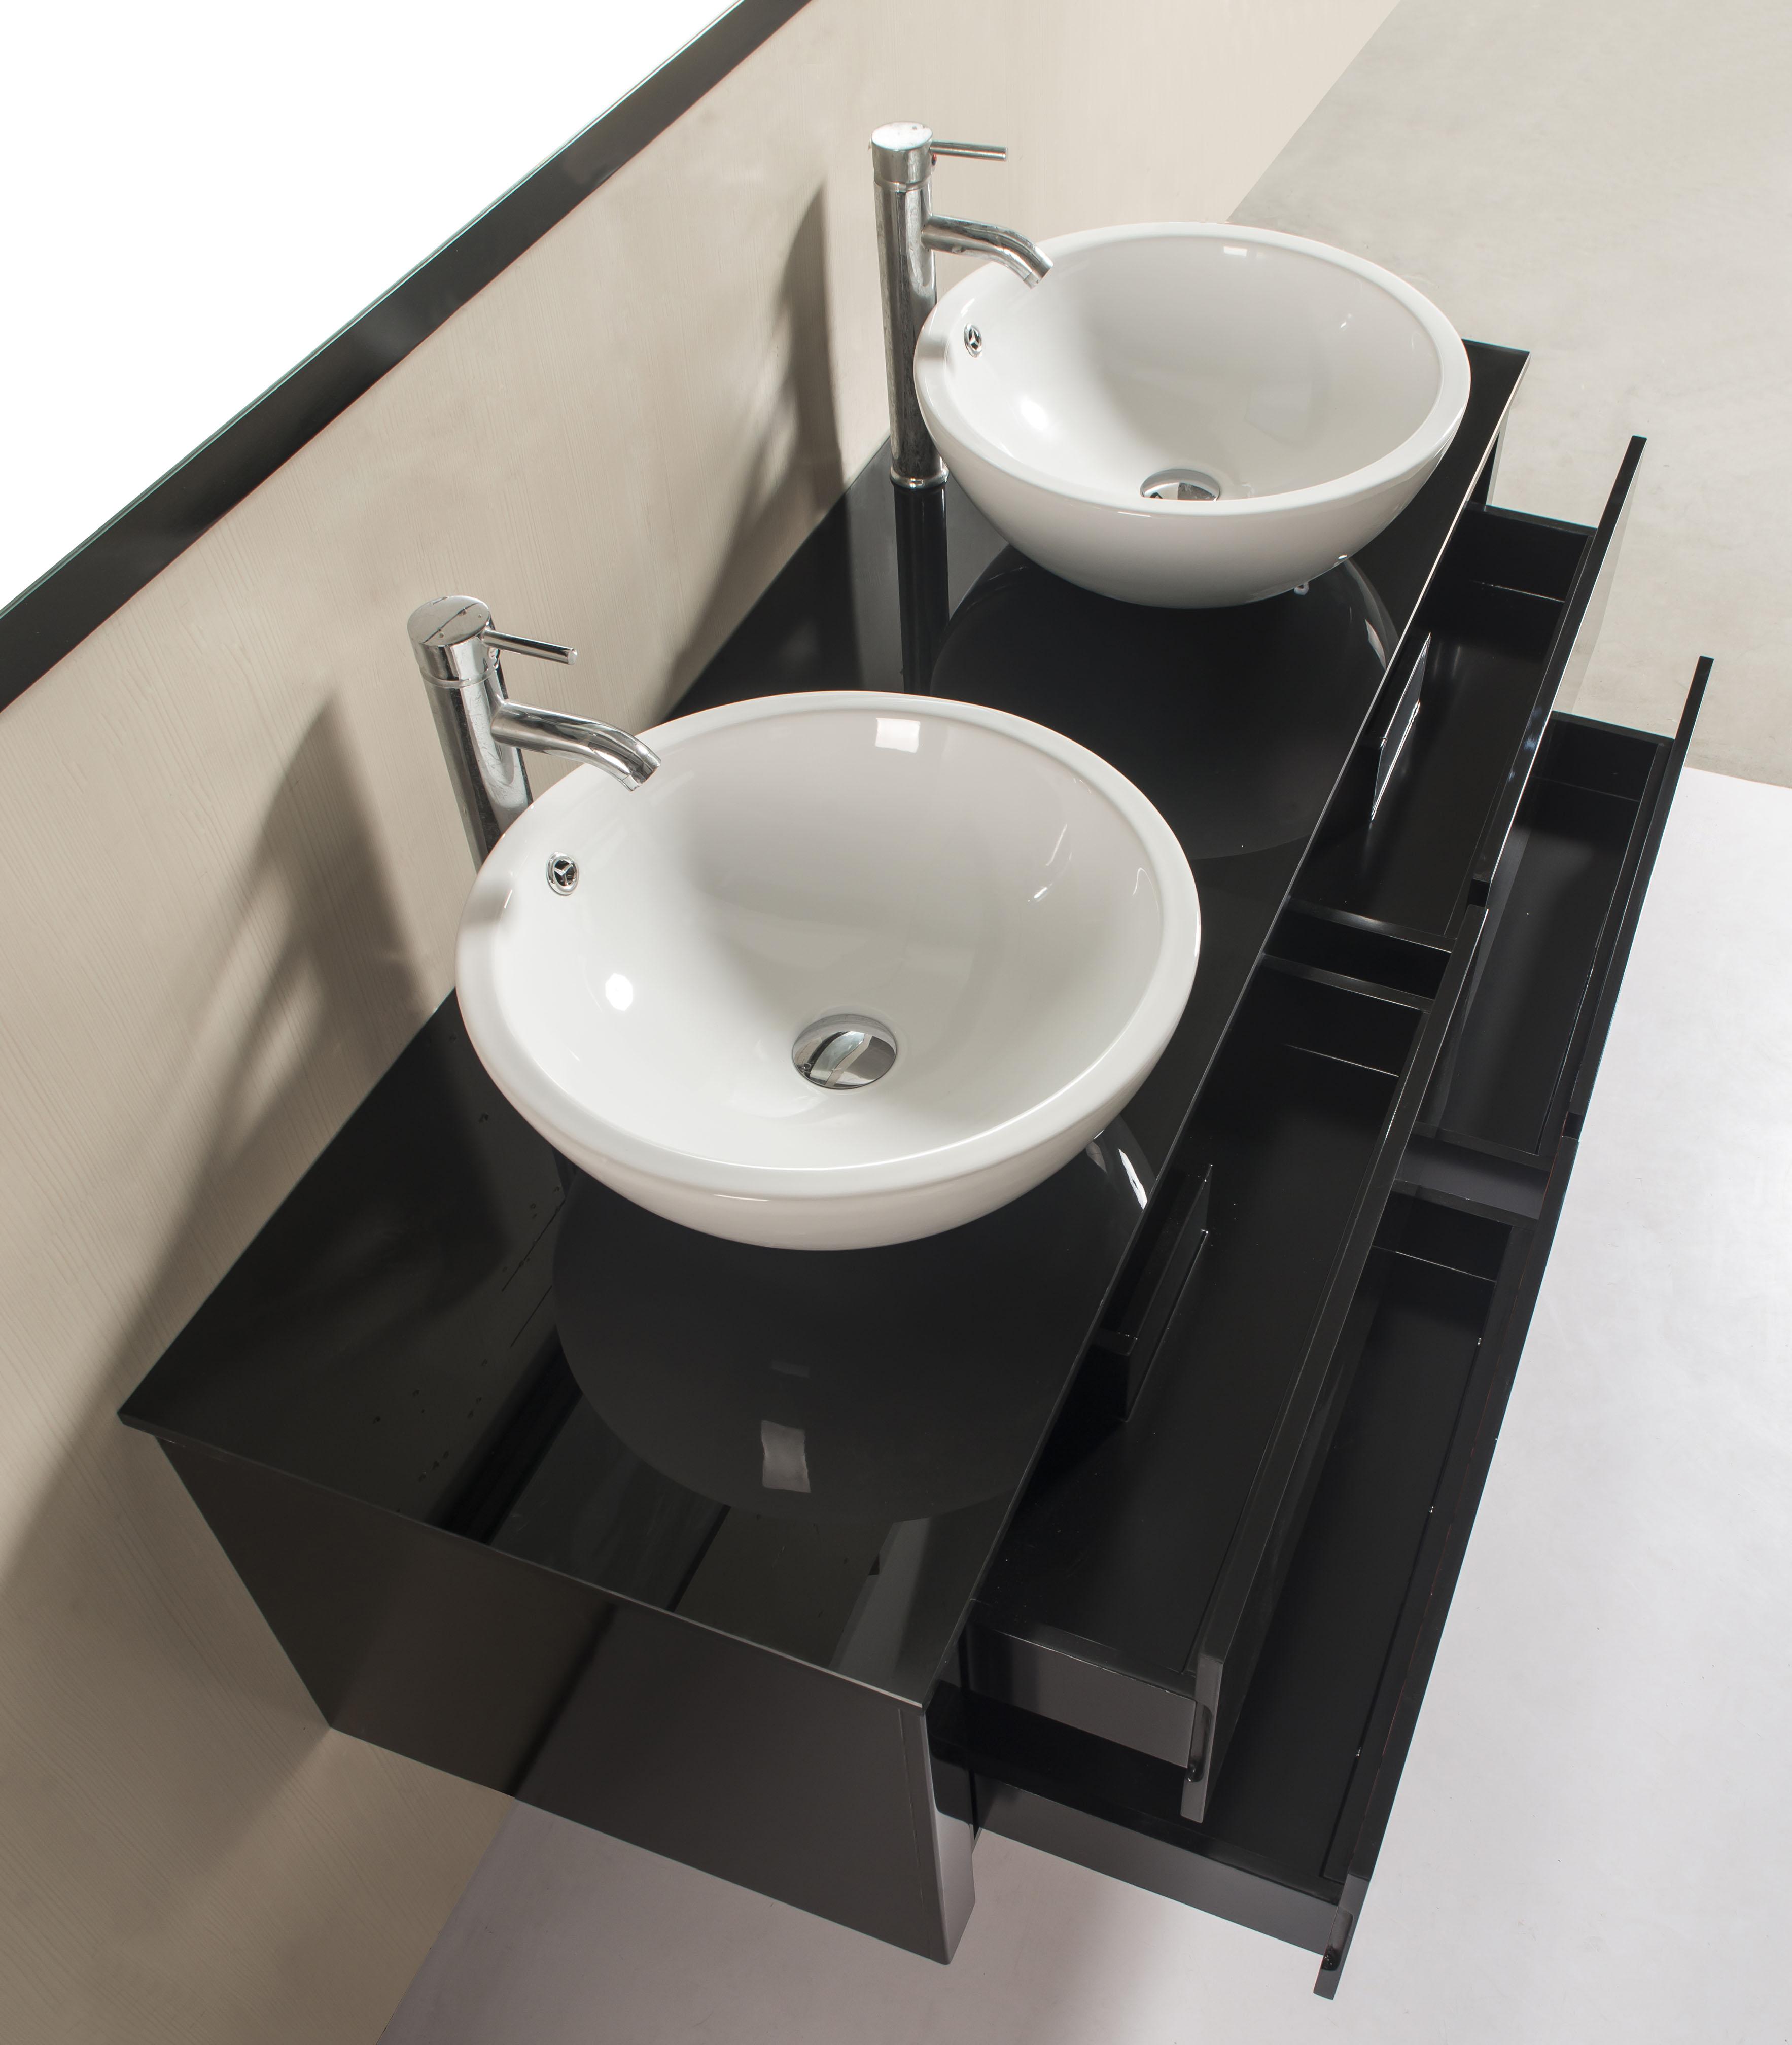 Badkamermeubel tiger badkamer ontwerp idee n voor uw huis samen met meubels die - Gemeubleerde salle de bains ontwerp ...